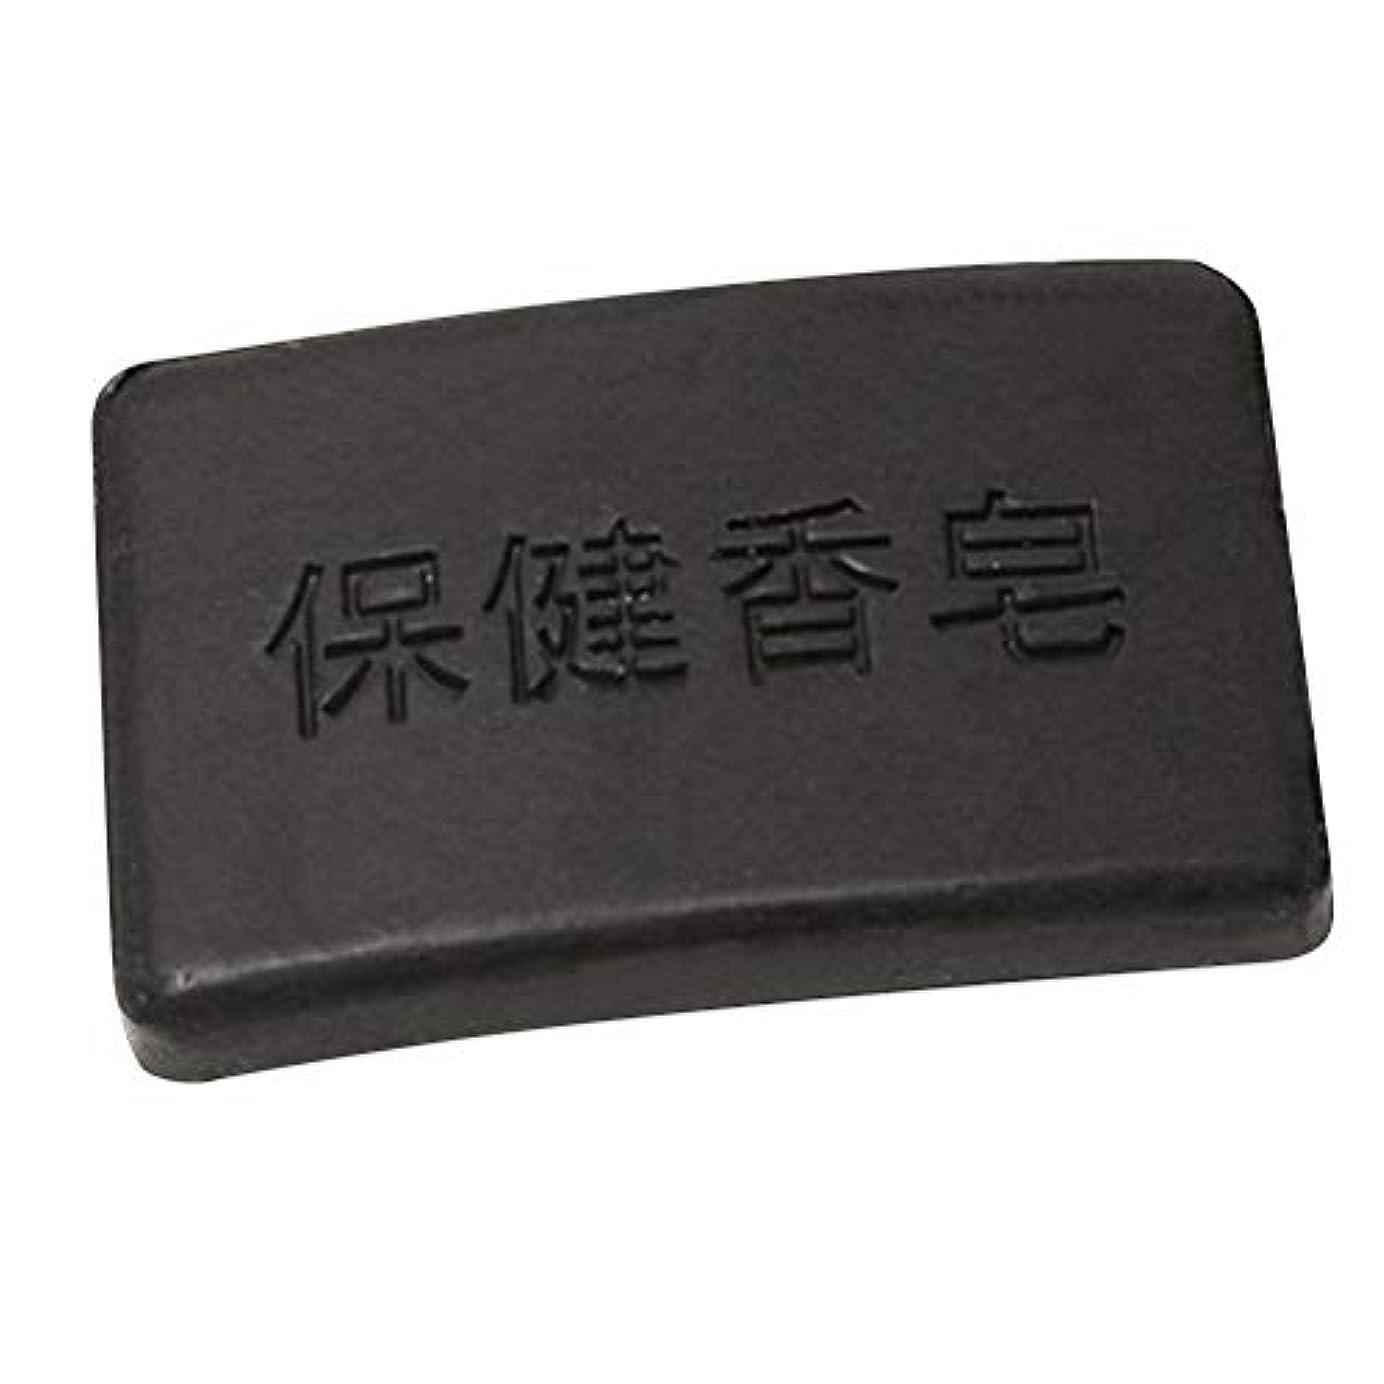 高度戦士製造業SUPVOX 40グラムプロポリス竹炭石鹸クレンジング健康石鹸入浴石鹸